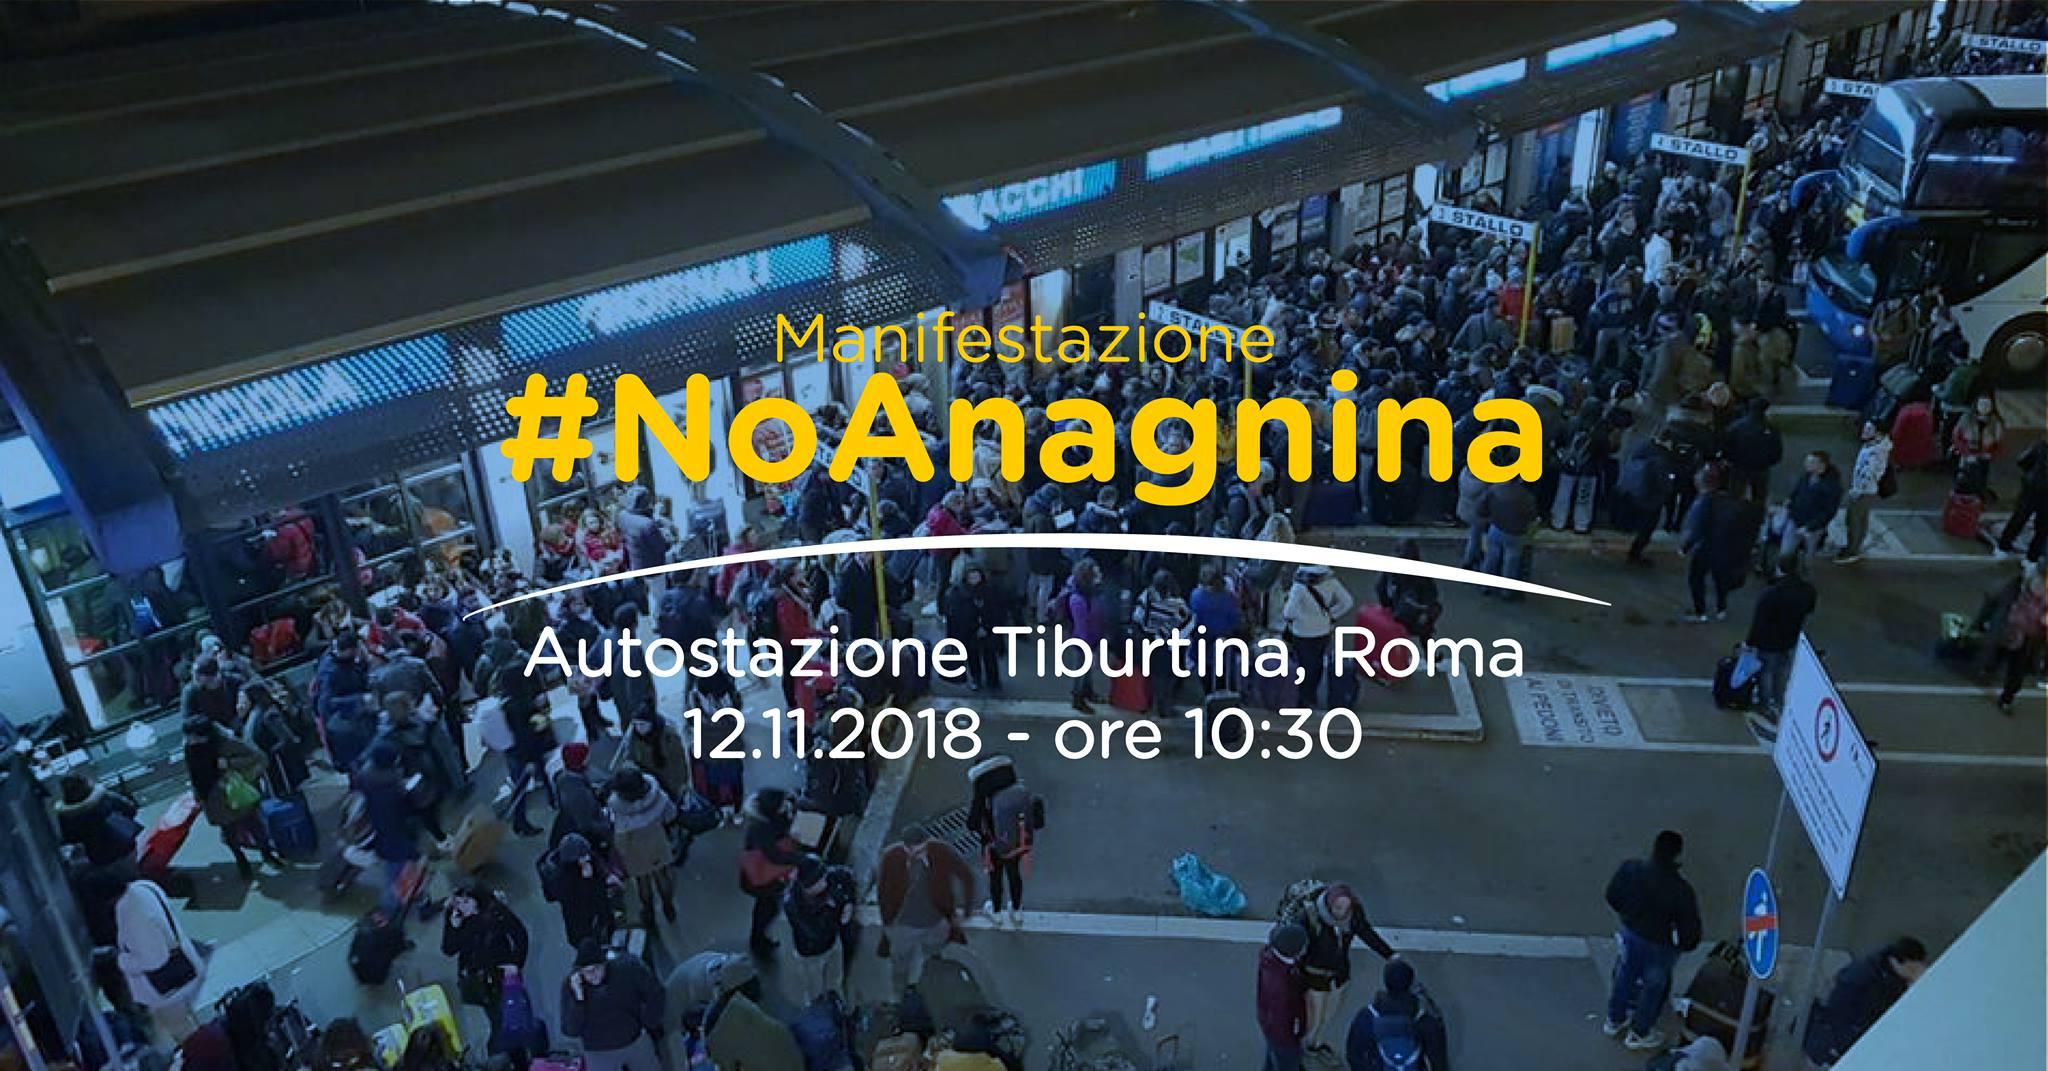 No allo spostamento dei bus da Tiburtina ad Anagnina, lunedì manifestazione di protesta a Roma